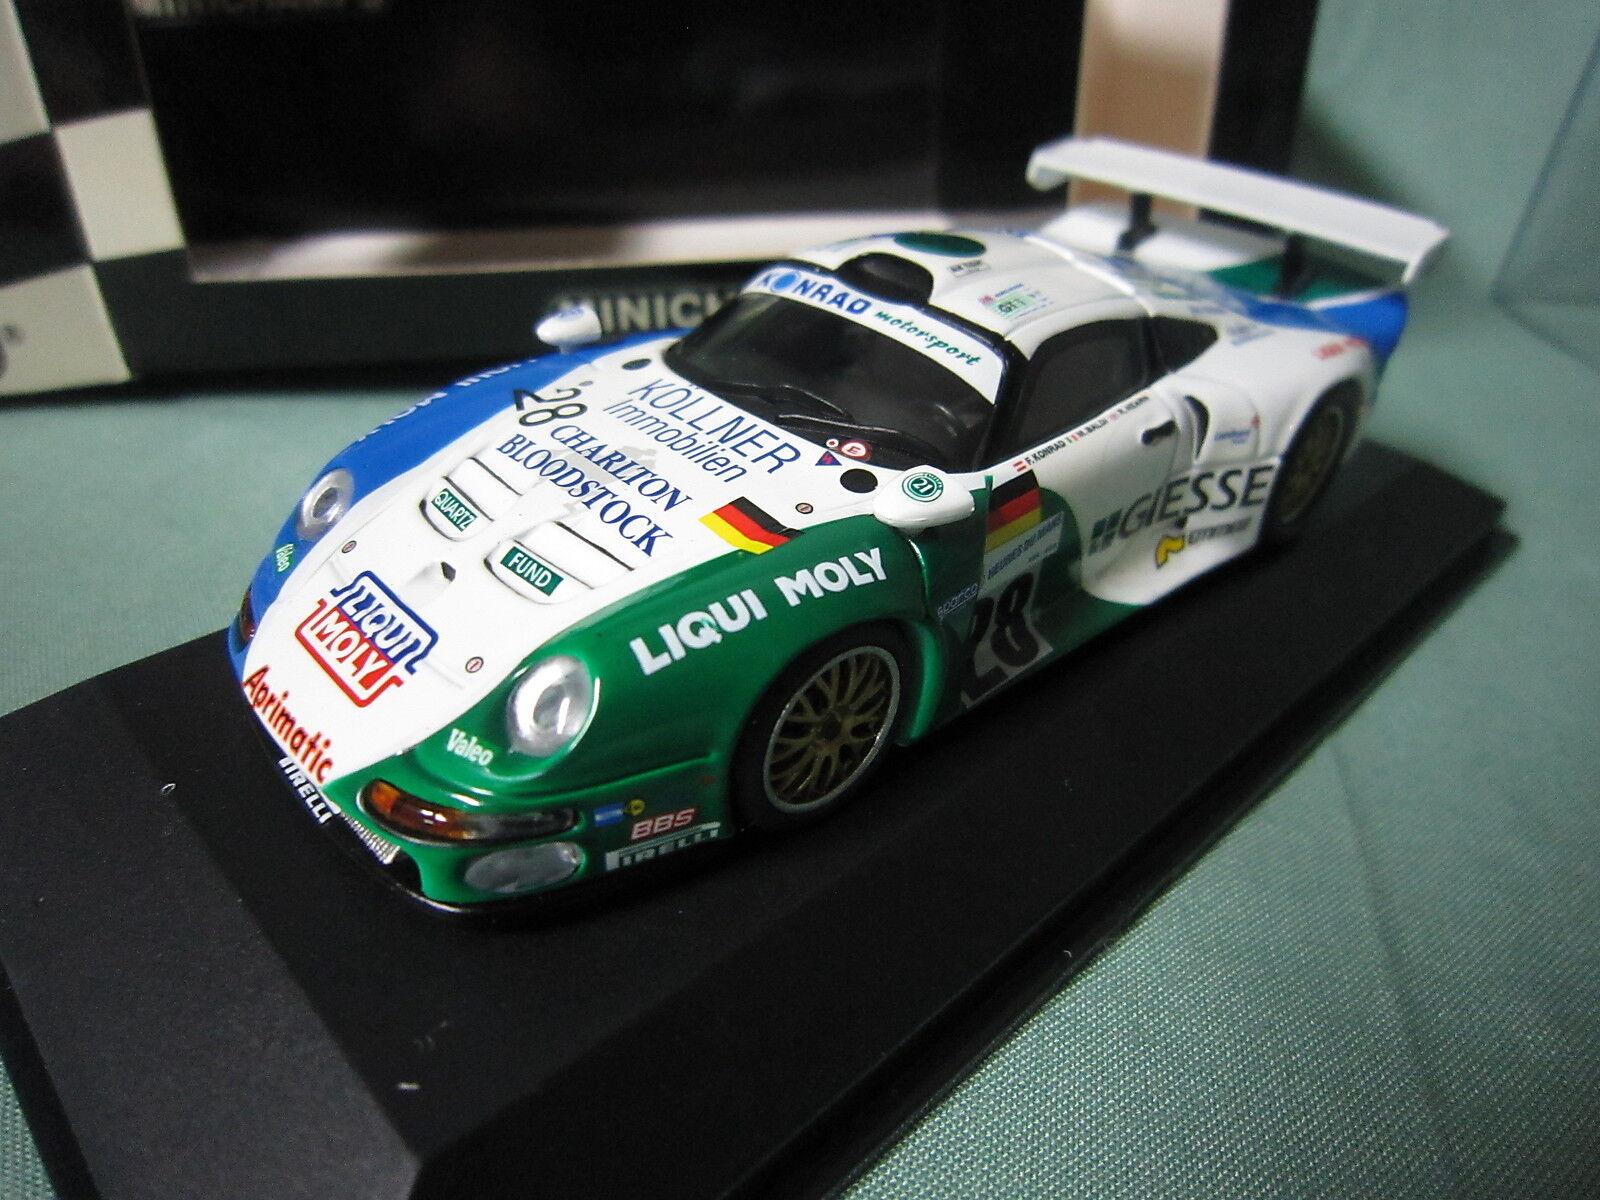 DV5072 MINICHAMPS PORSCHE 911 GT1  28 KONRAD GIESSE LE LE GIESSE MANS 1997 430976628 1 43 fbc3d8